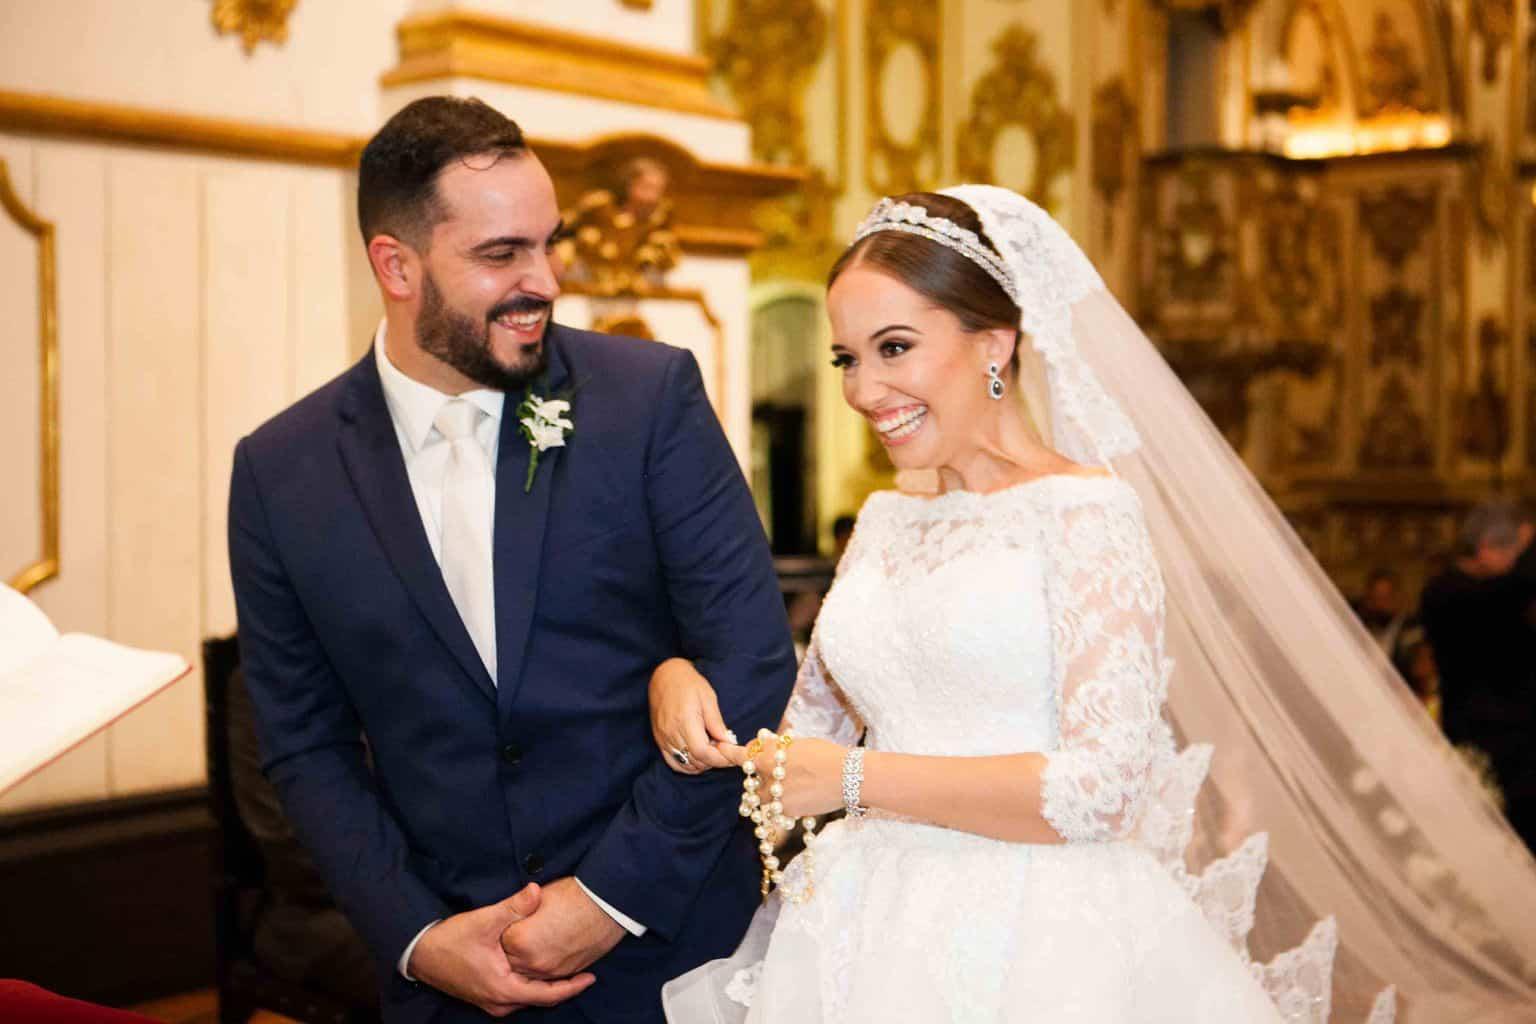 Casamento-Clássico-Casamento-tradicional-Cerimônia-Copacabana-Palace-Monica-Roias-Ribas-Foto-e-Vídeo-Ricardo-Almeida-Tuanny-e-Bernardo-CaseMe-2